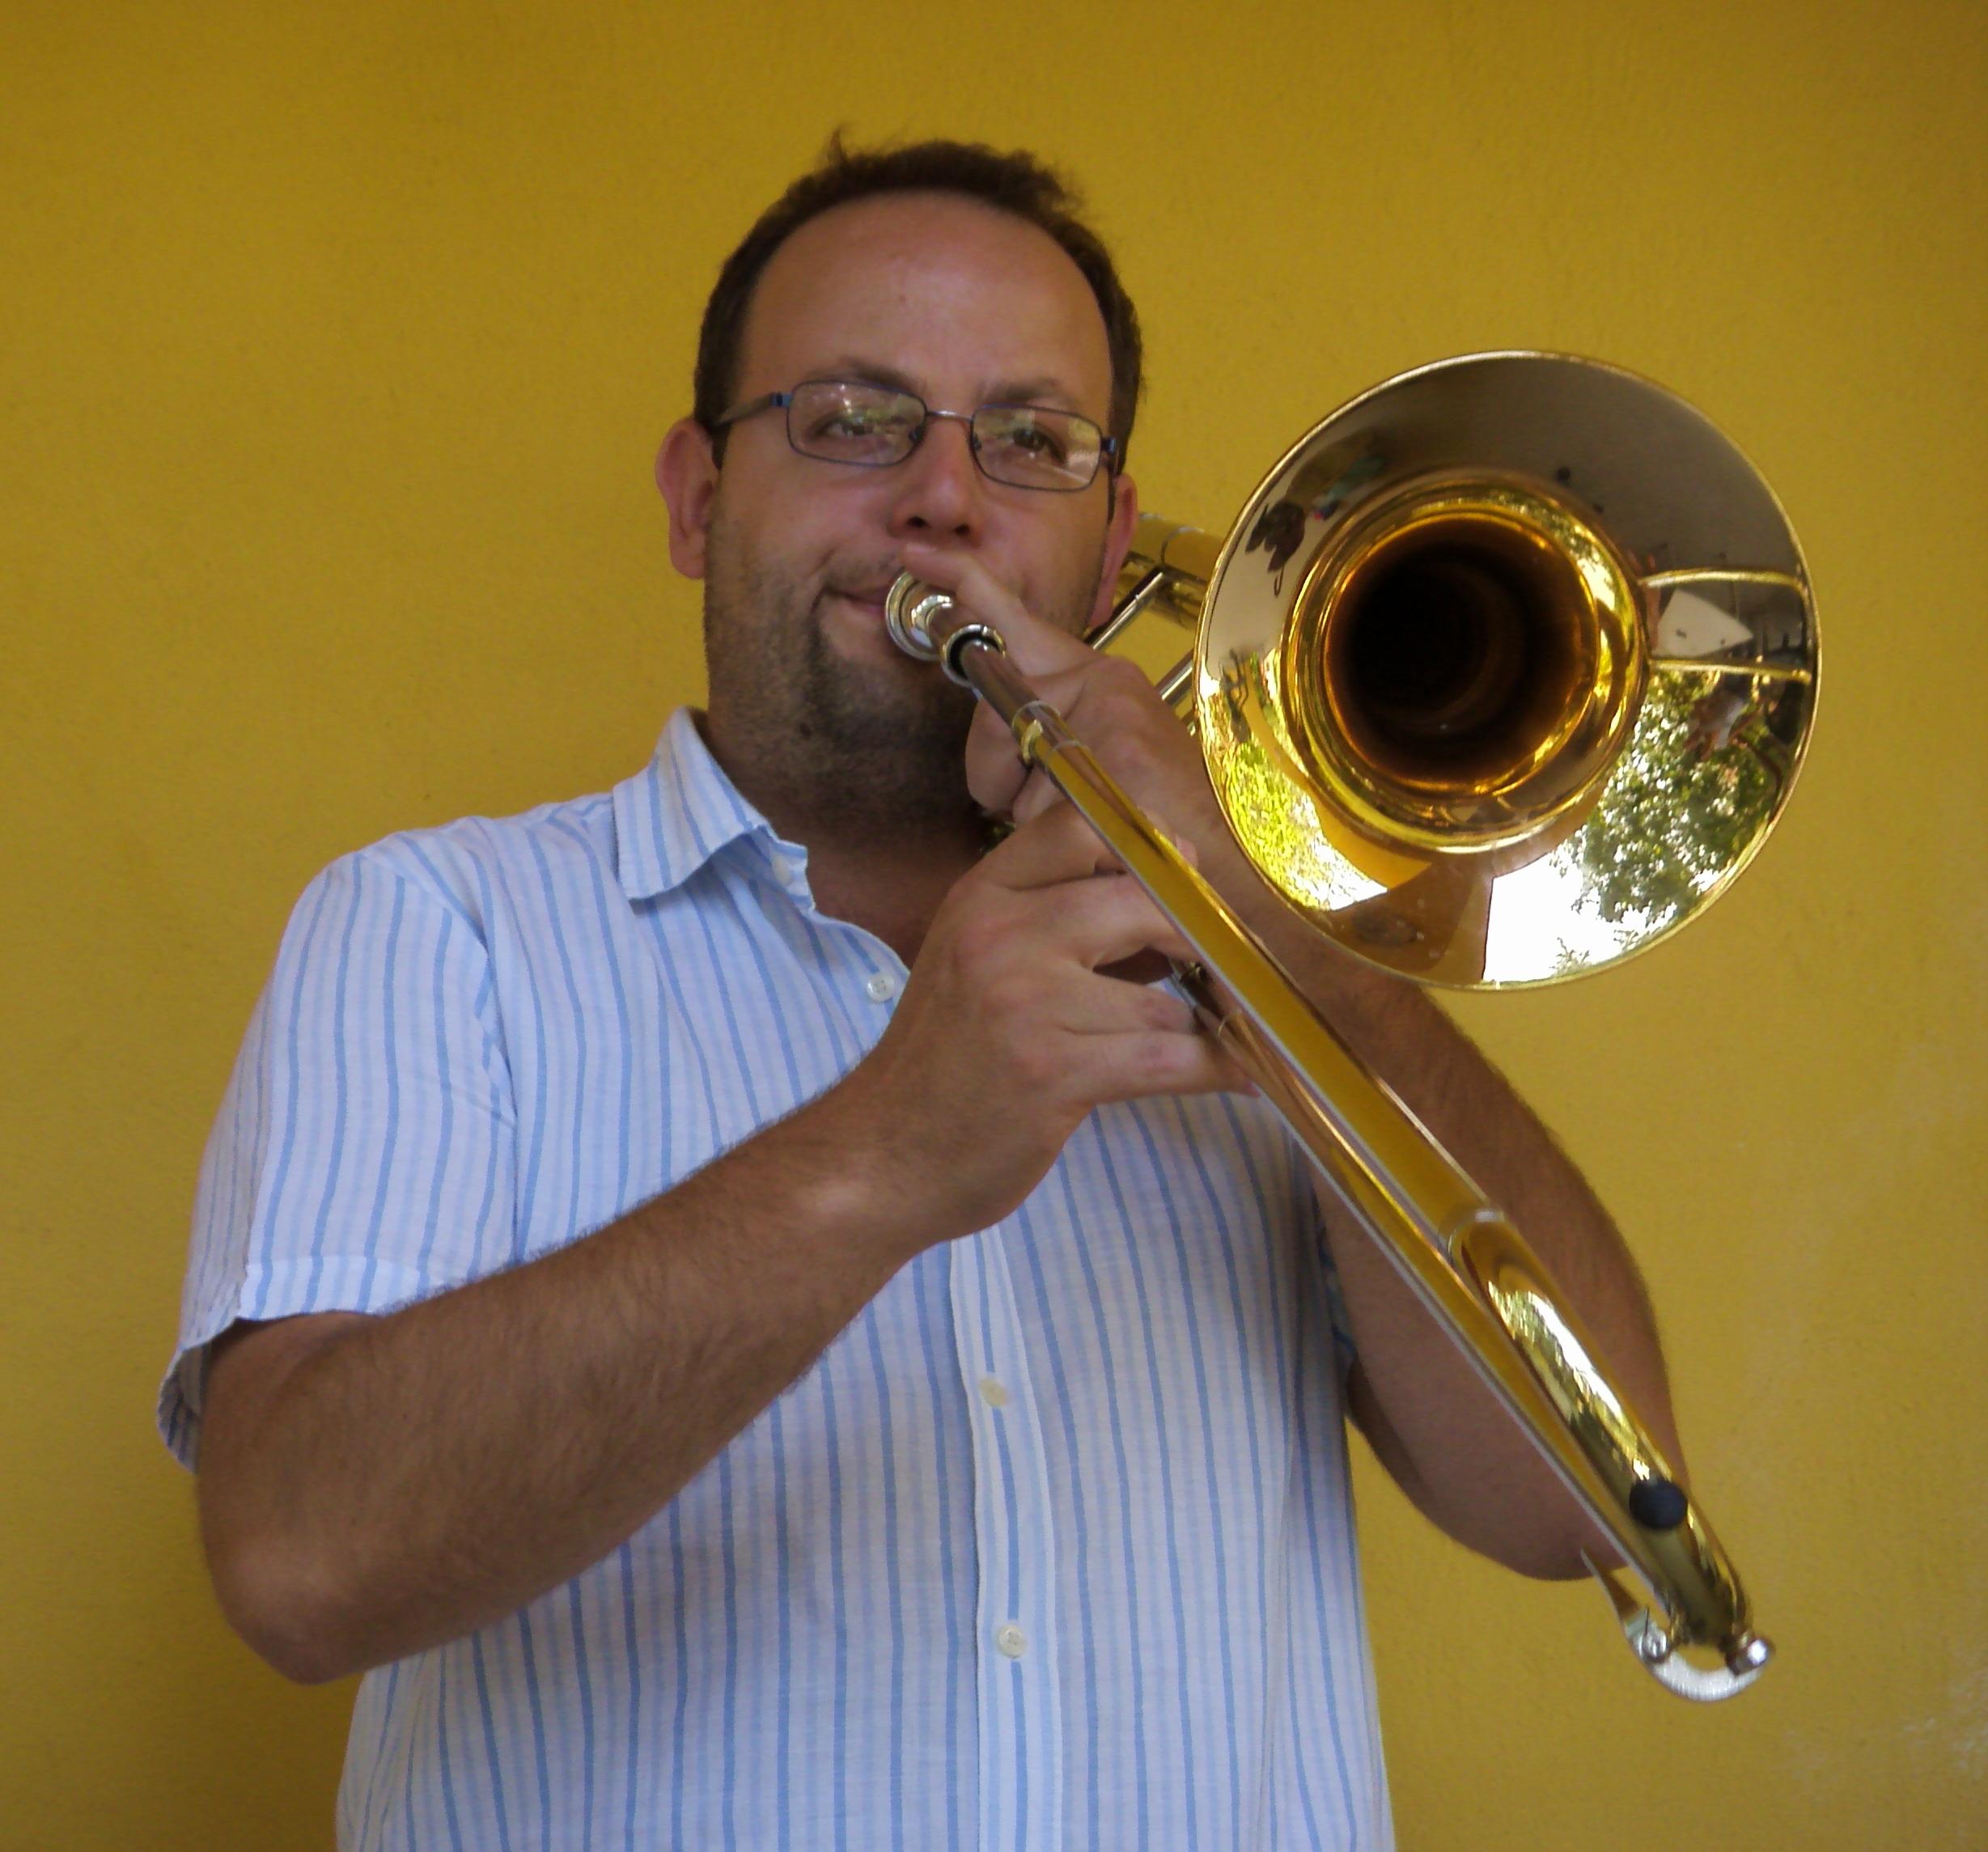 Luciano Macchia